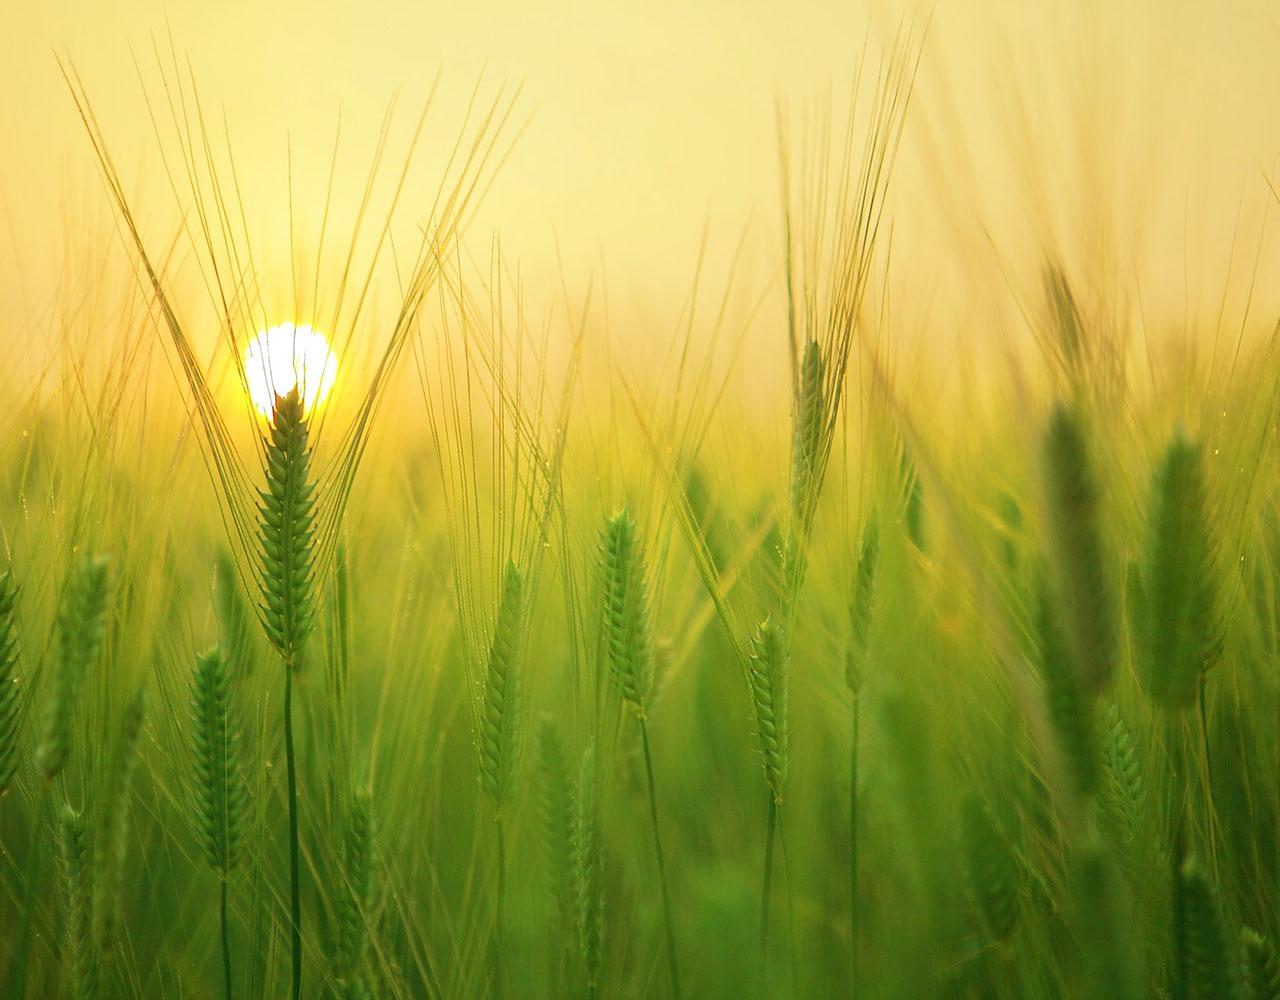 Australain Grain Export Website